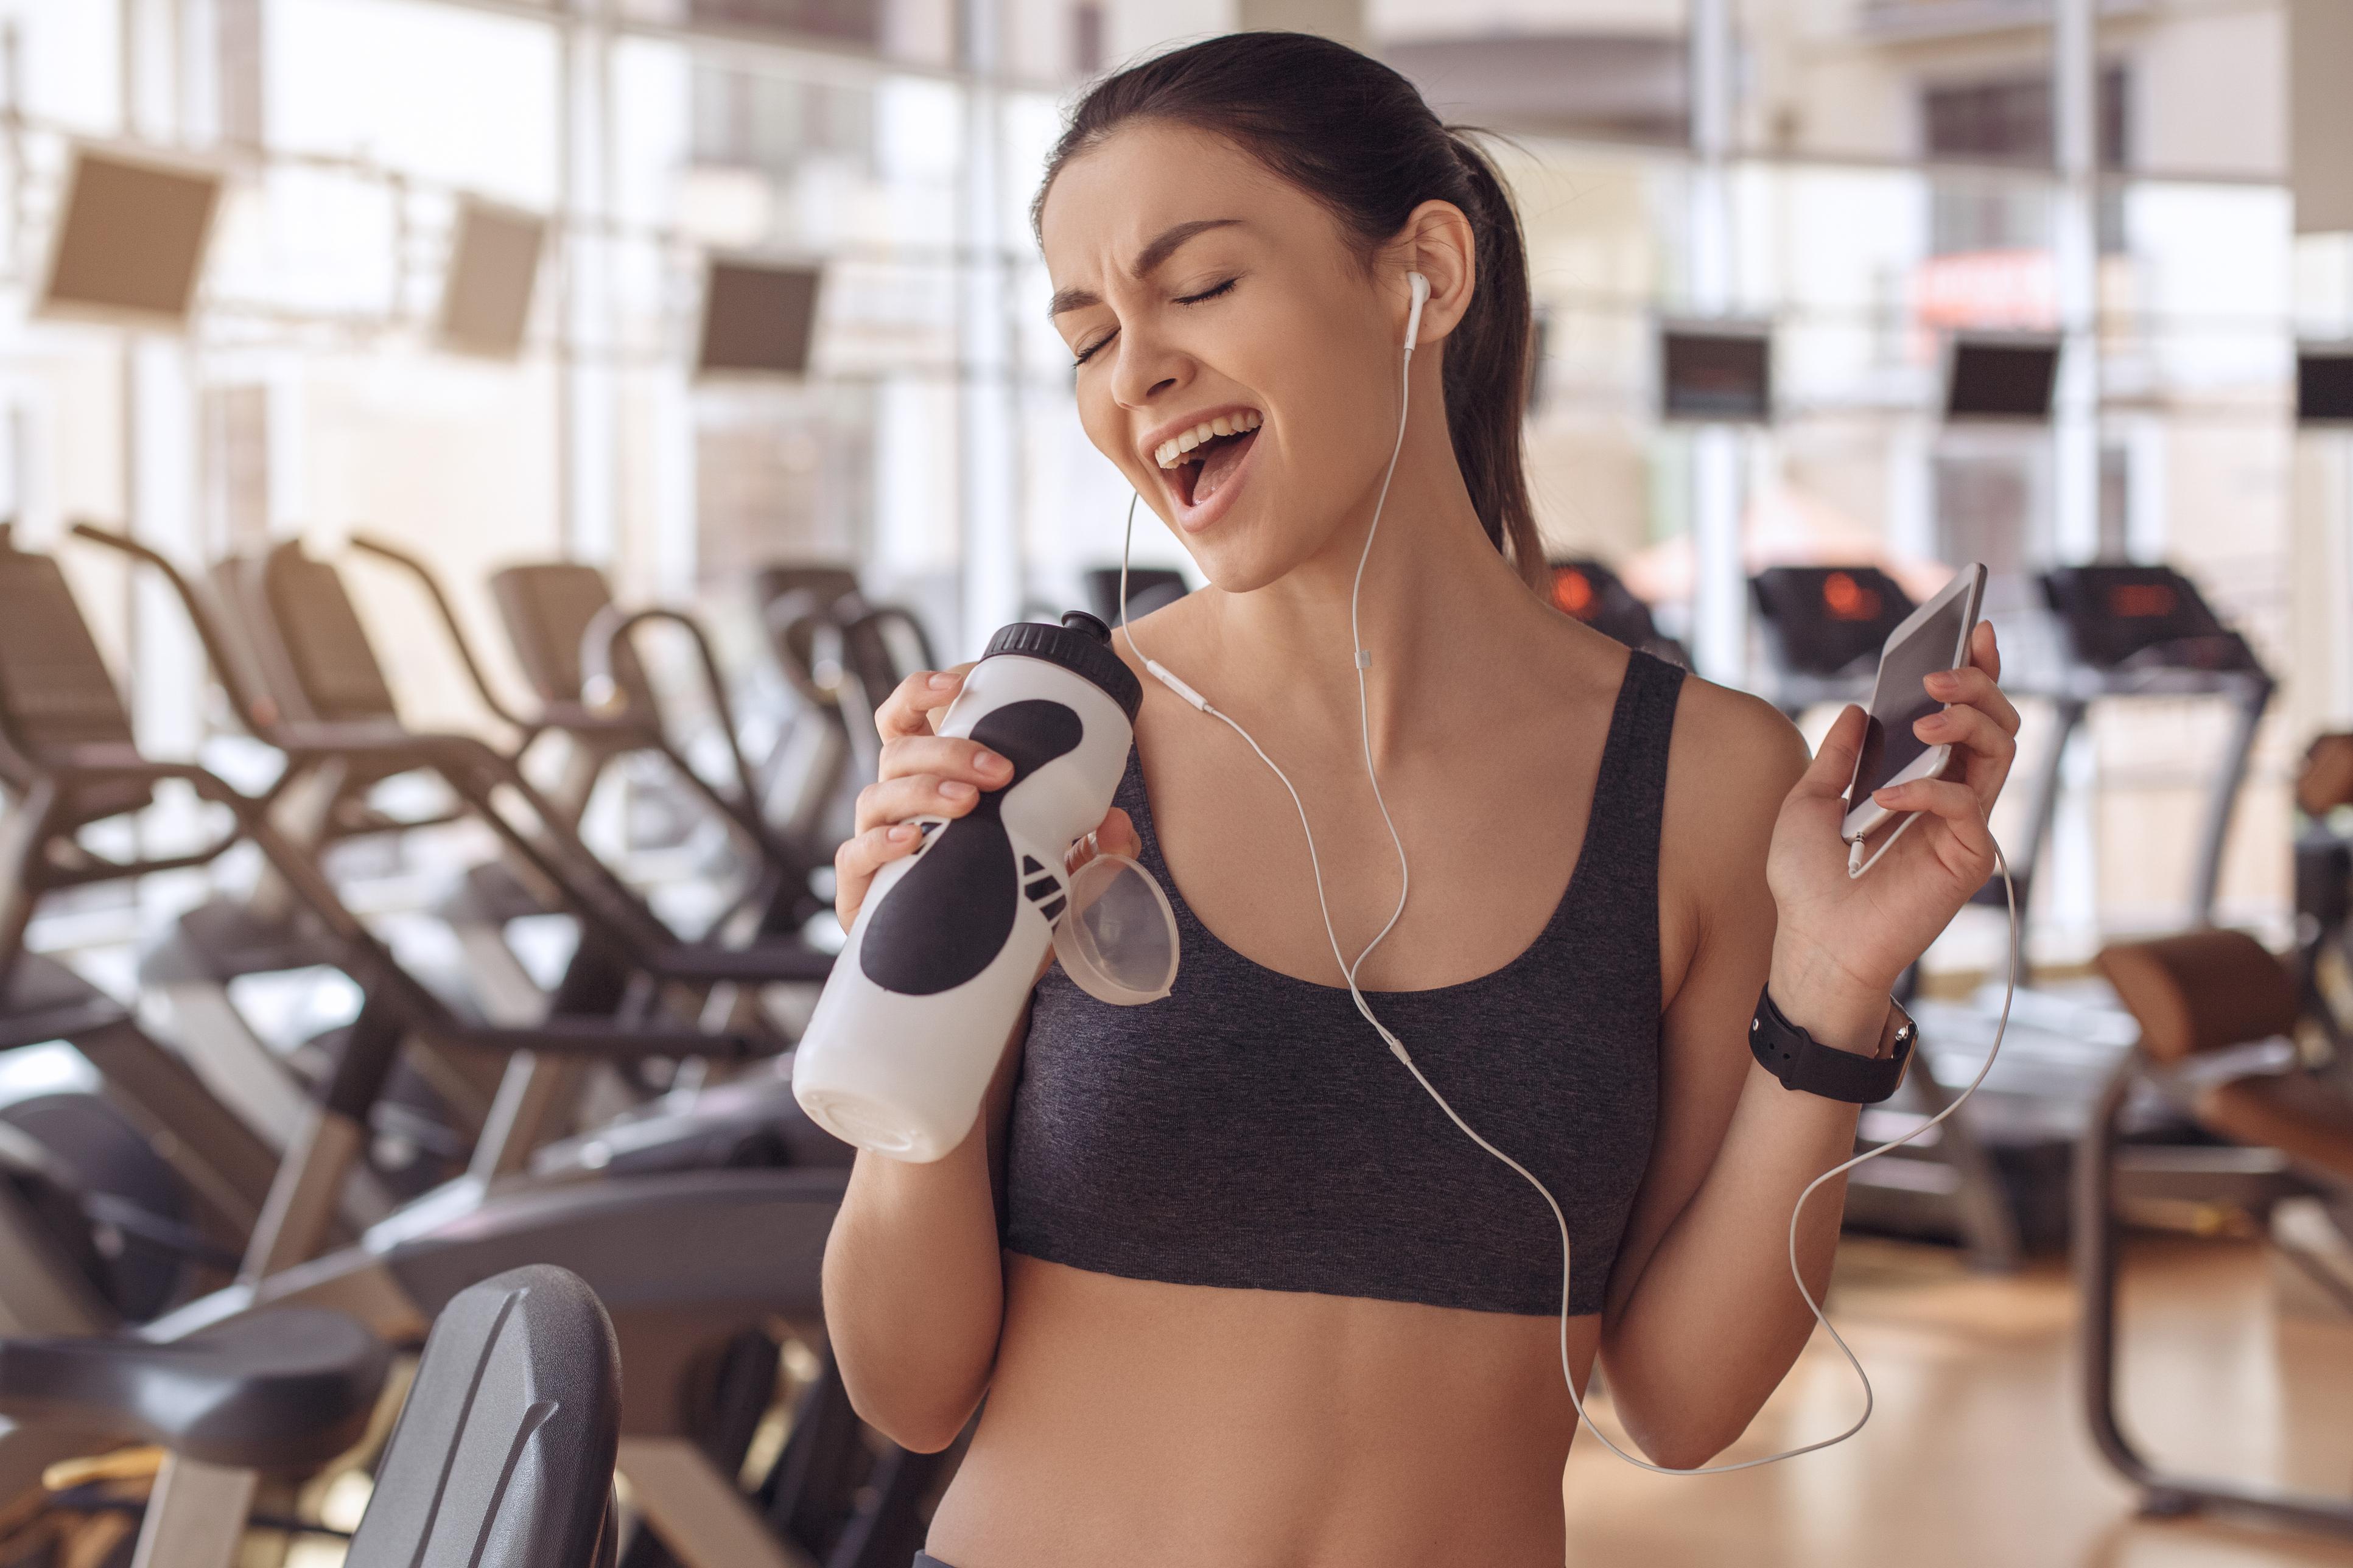 Як вибрати музику для спортзалу: 10 пісень, здатні зарядити дівчат